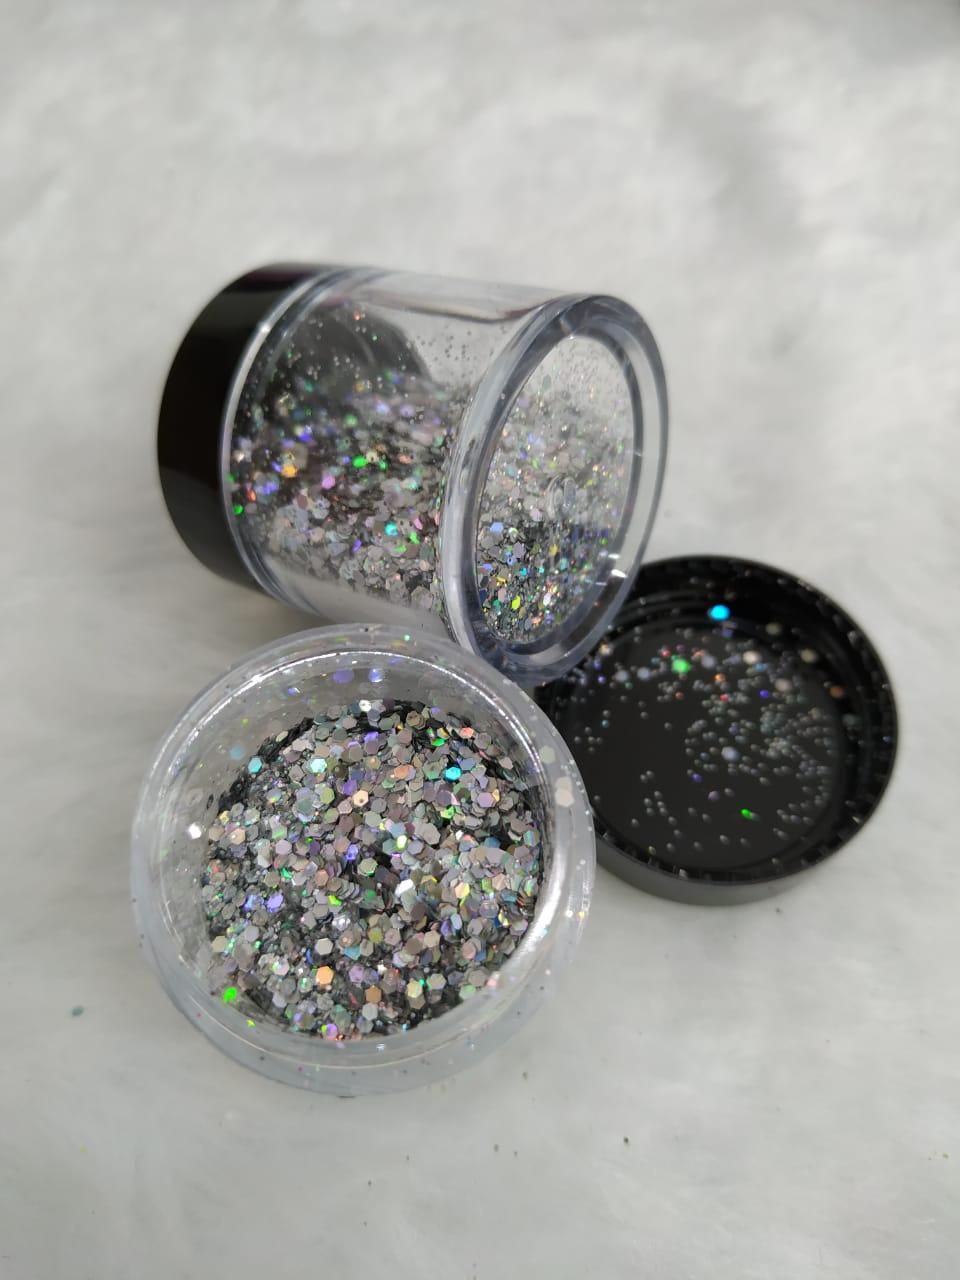 Kit com 12 glitter flocado para encapsulamento  - Sílvia Pedrarias & Cia